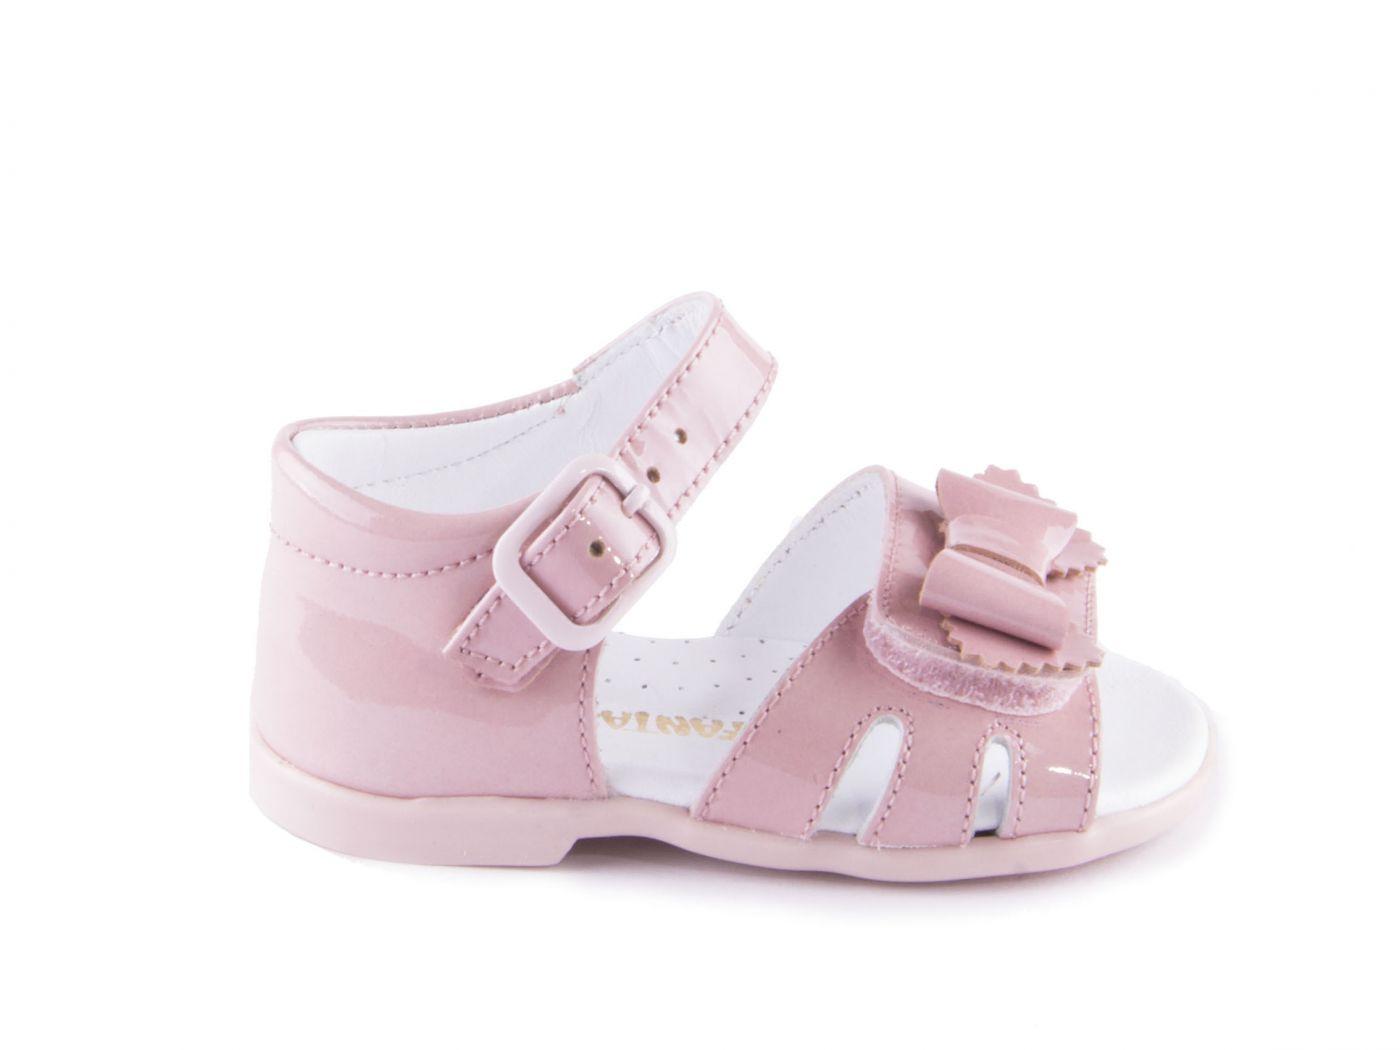 fc3eb75f595 Preandante Zapato Comprar Niña Tipo Rosa Sandalia Estilo Color 68wqvdRn